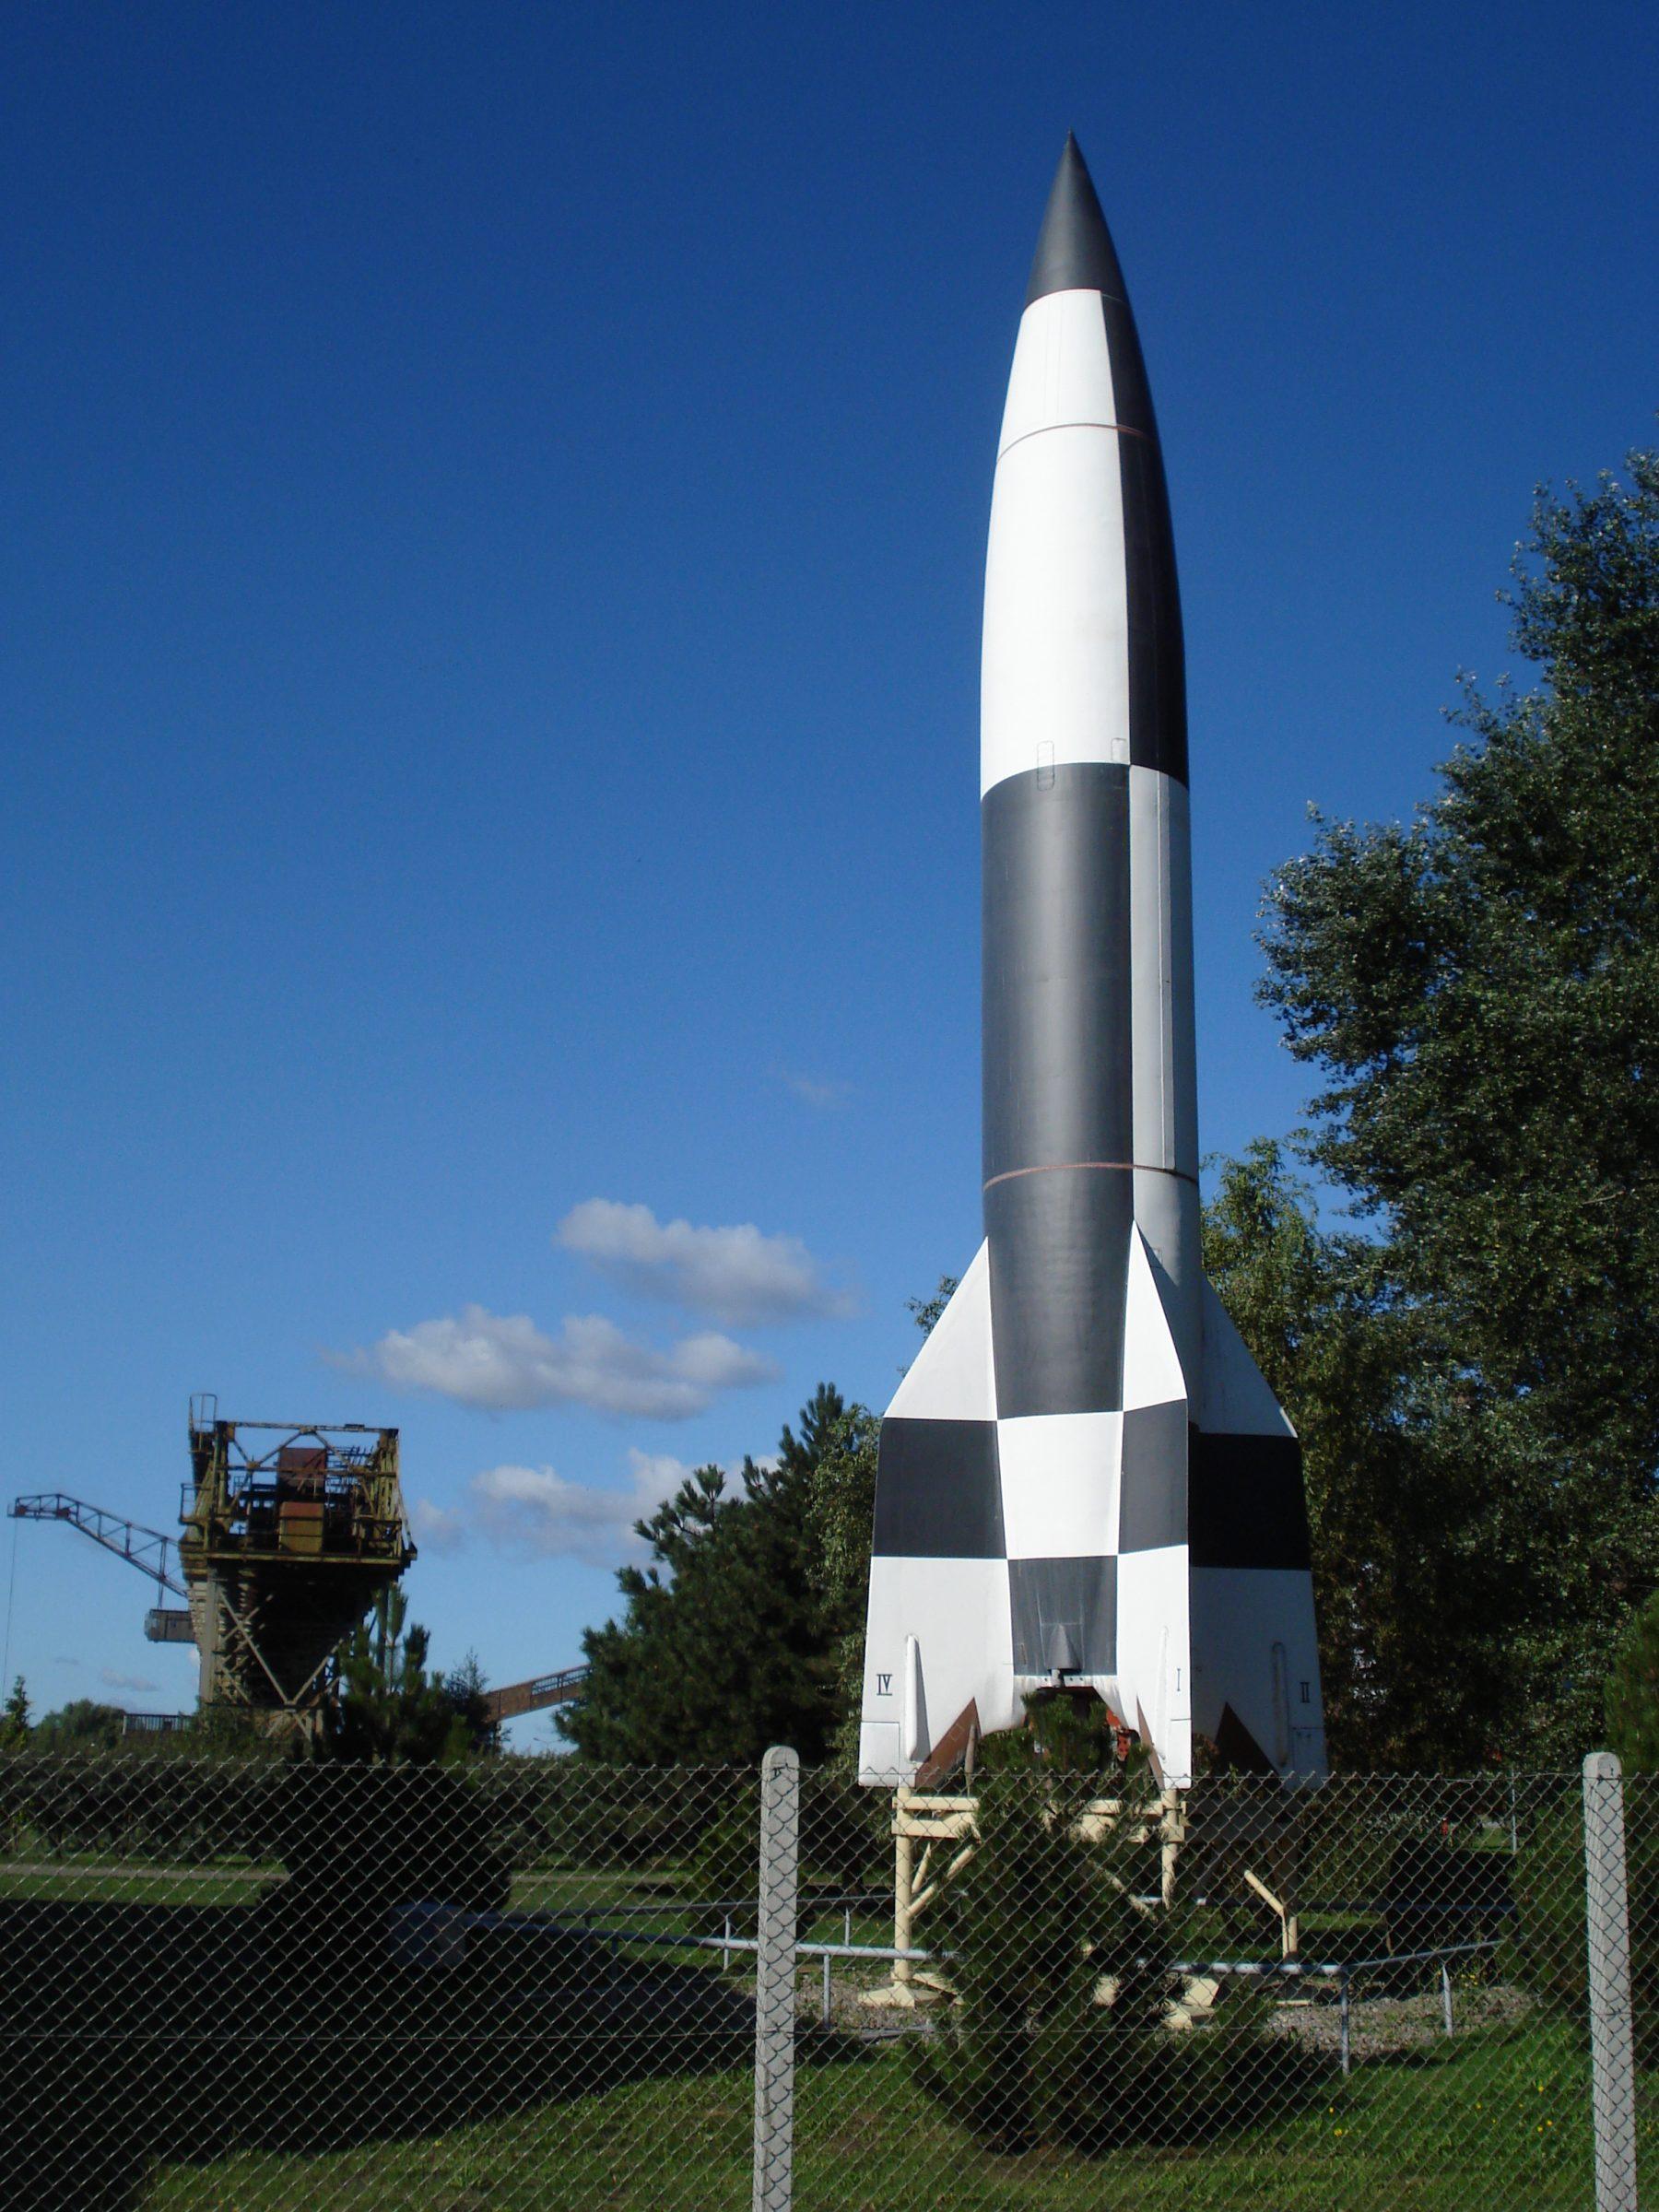 Een V2 raket op het terrein van het Historisch Technisch Museum Peenemünde